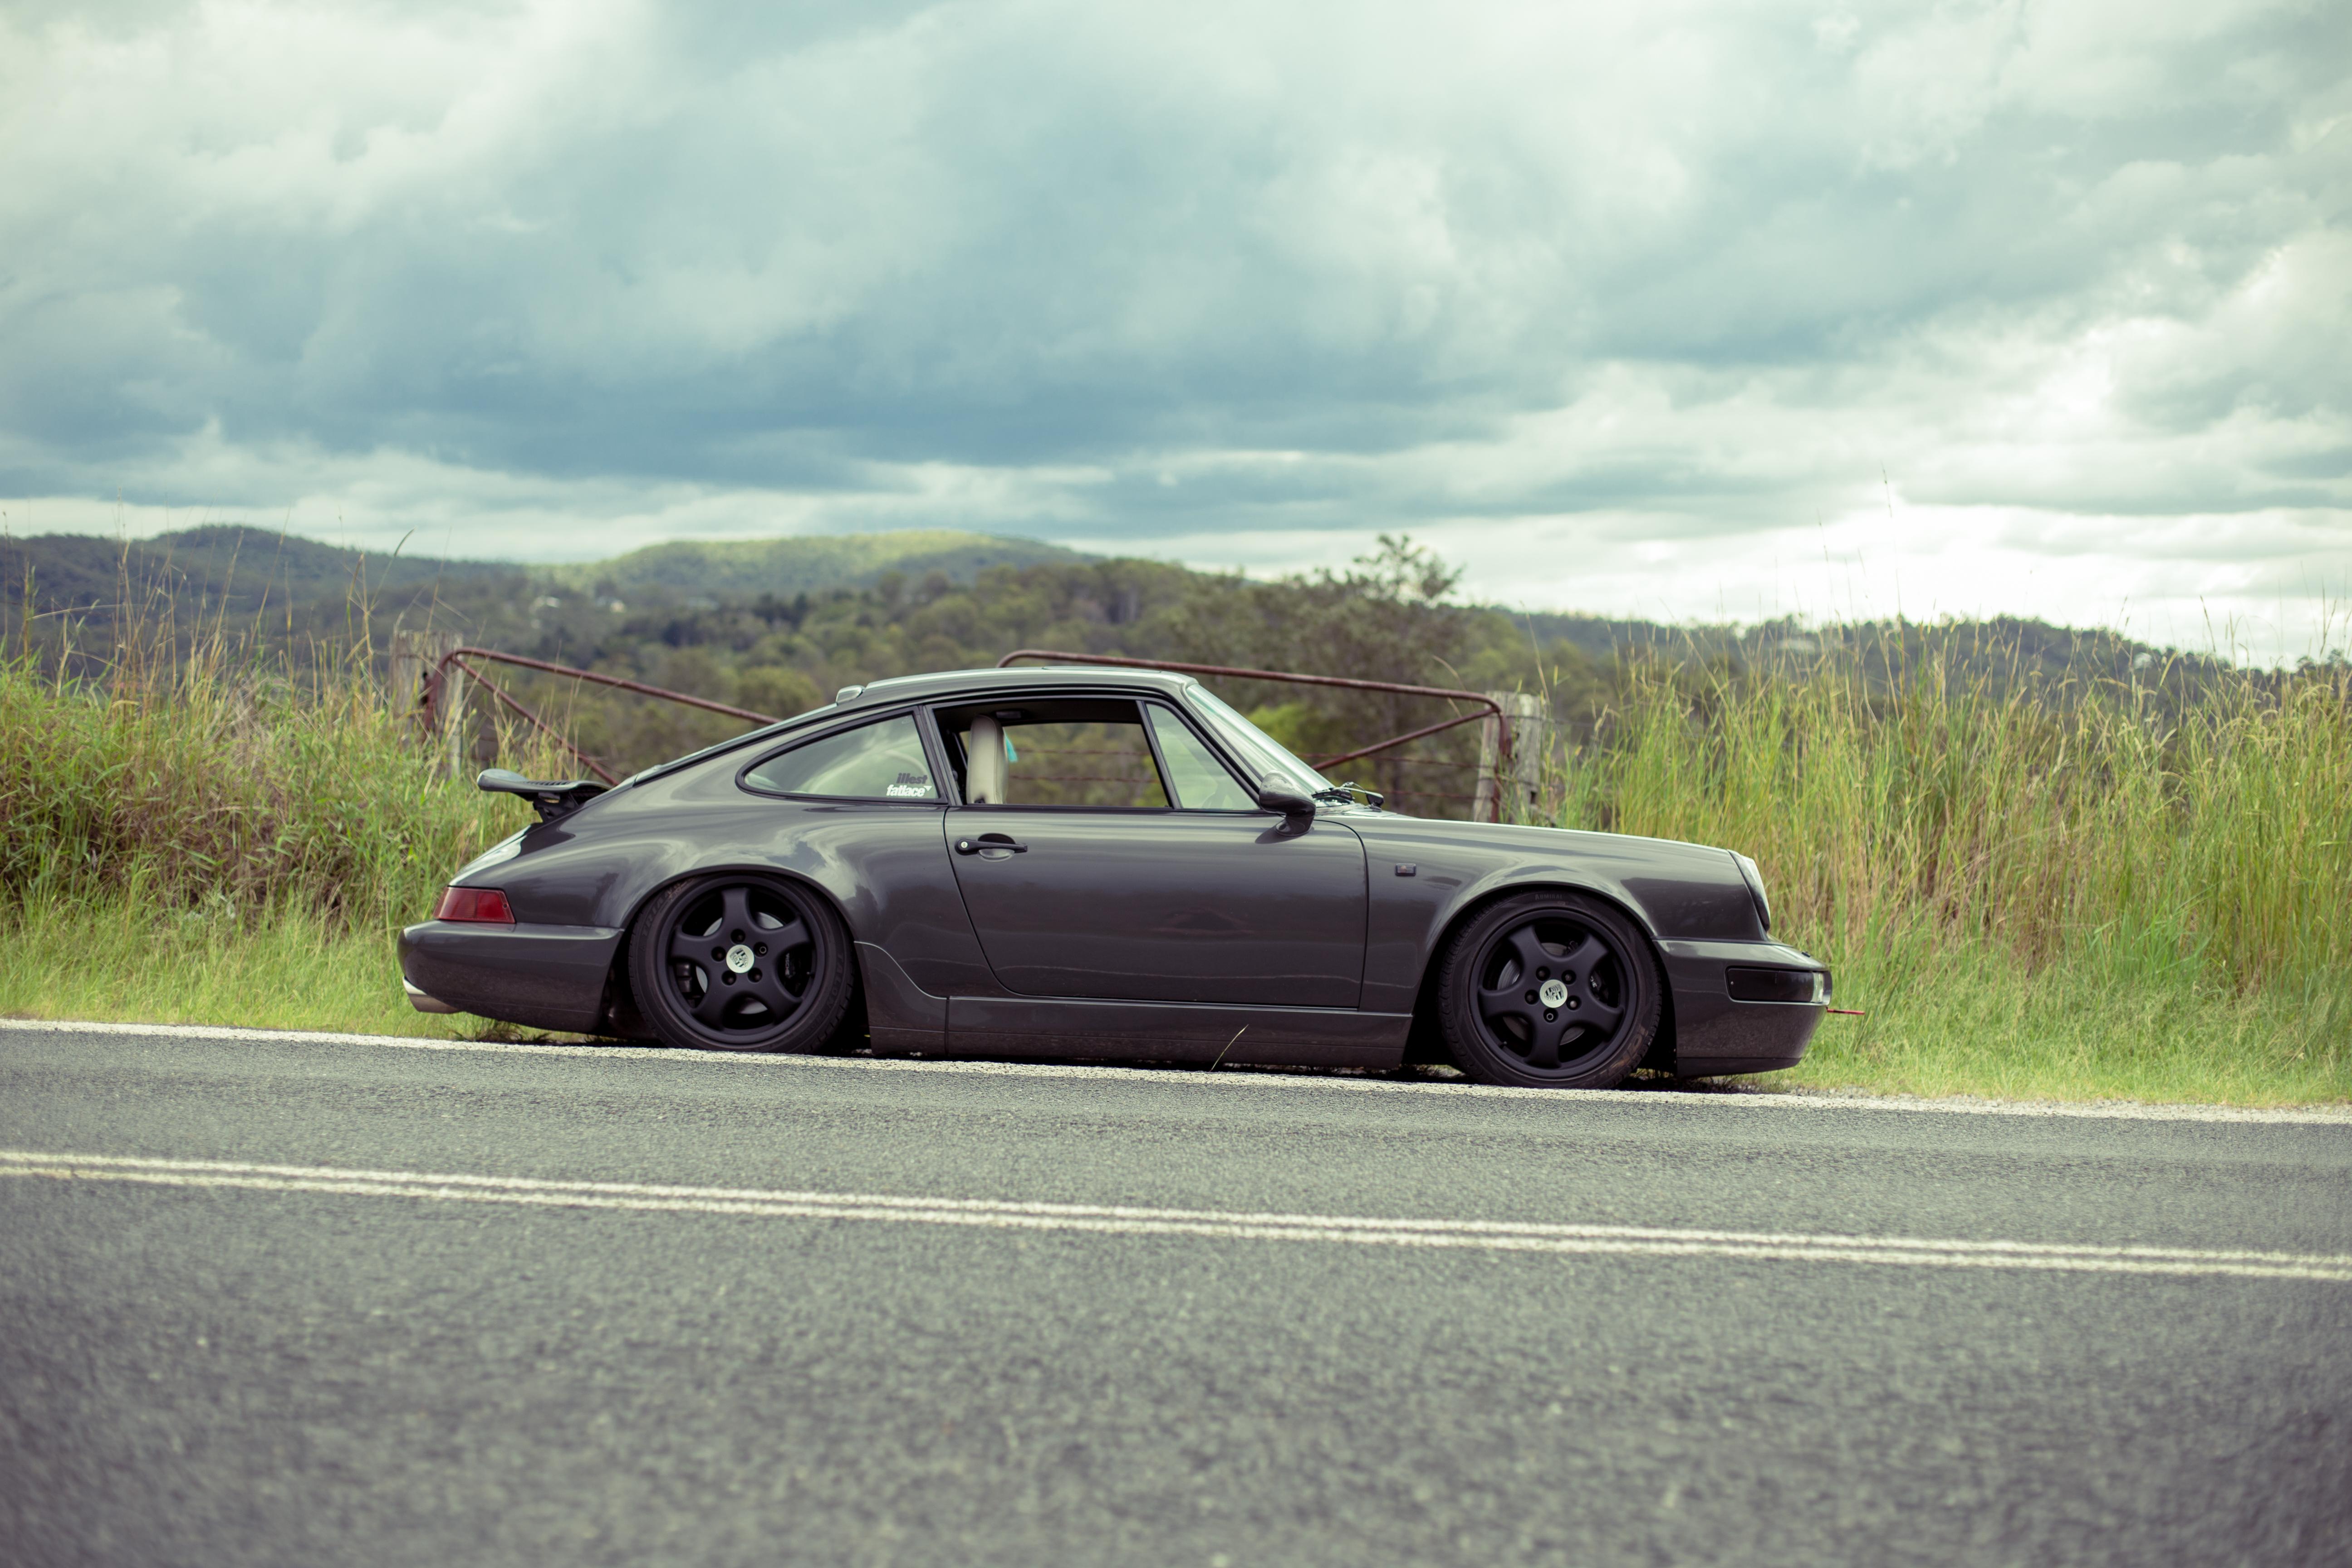 Blake's 1990 Porsche 964 C4 – garypatrickmannion